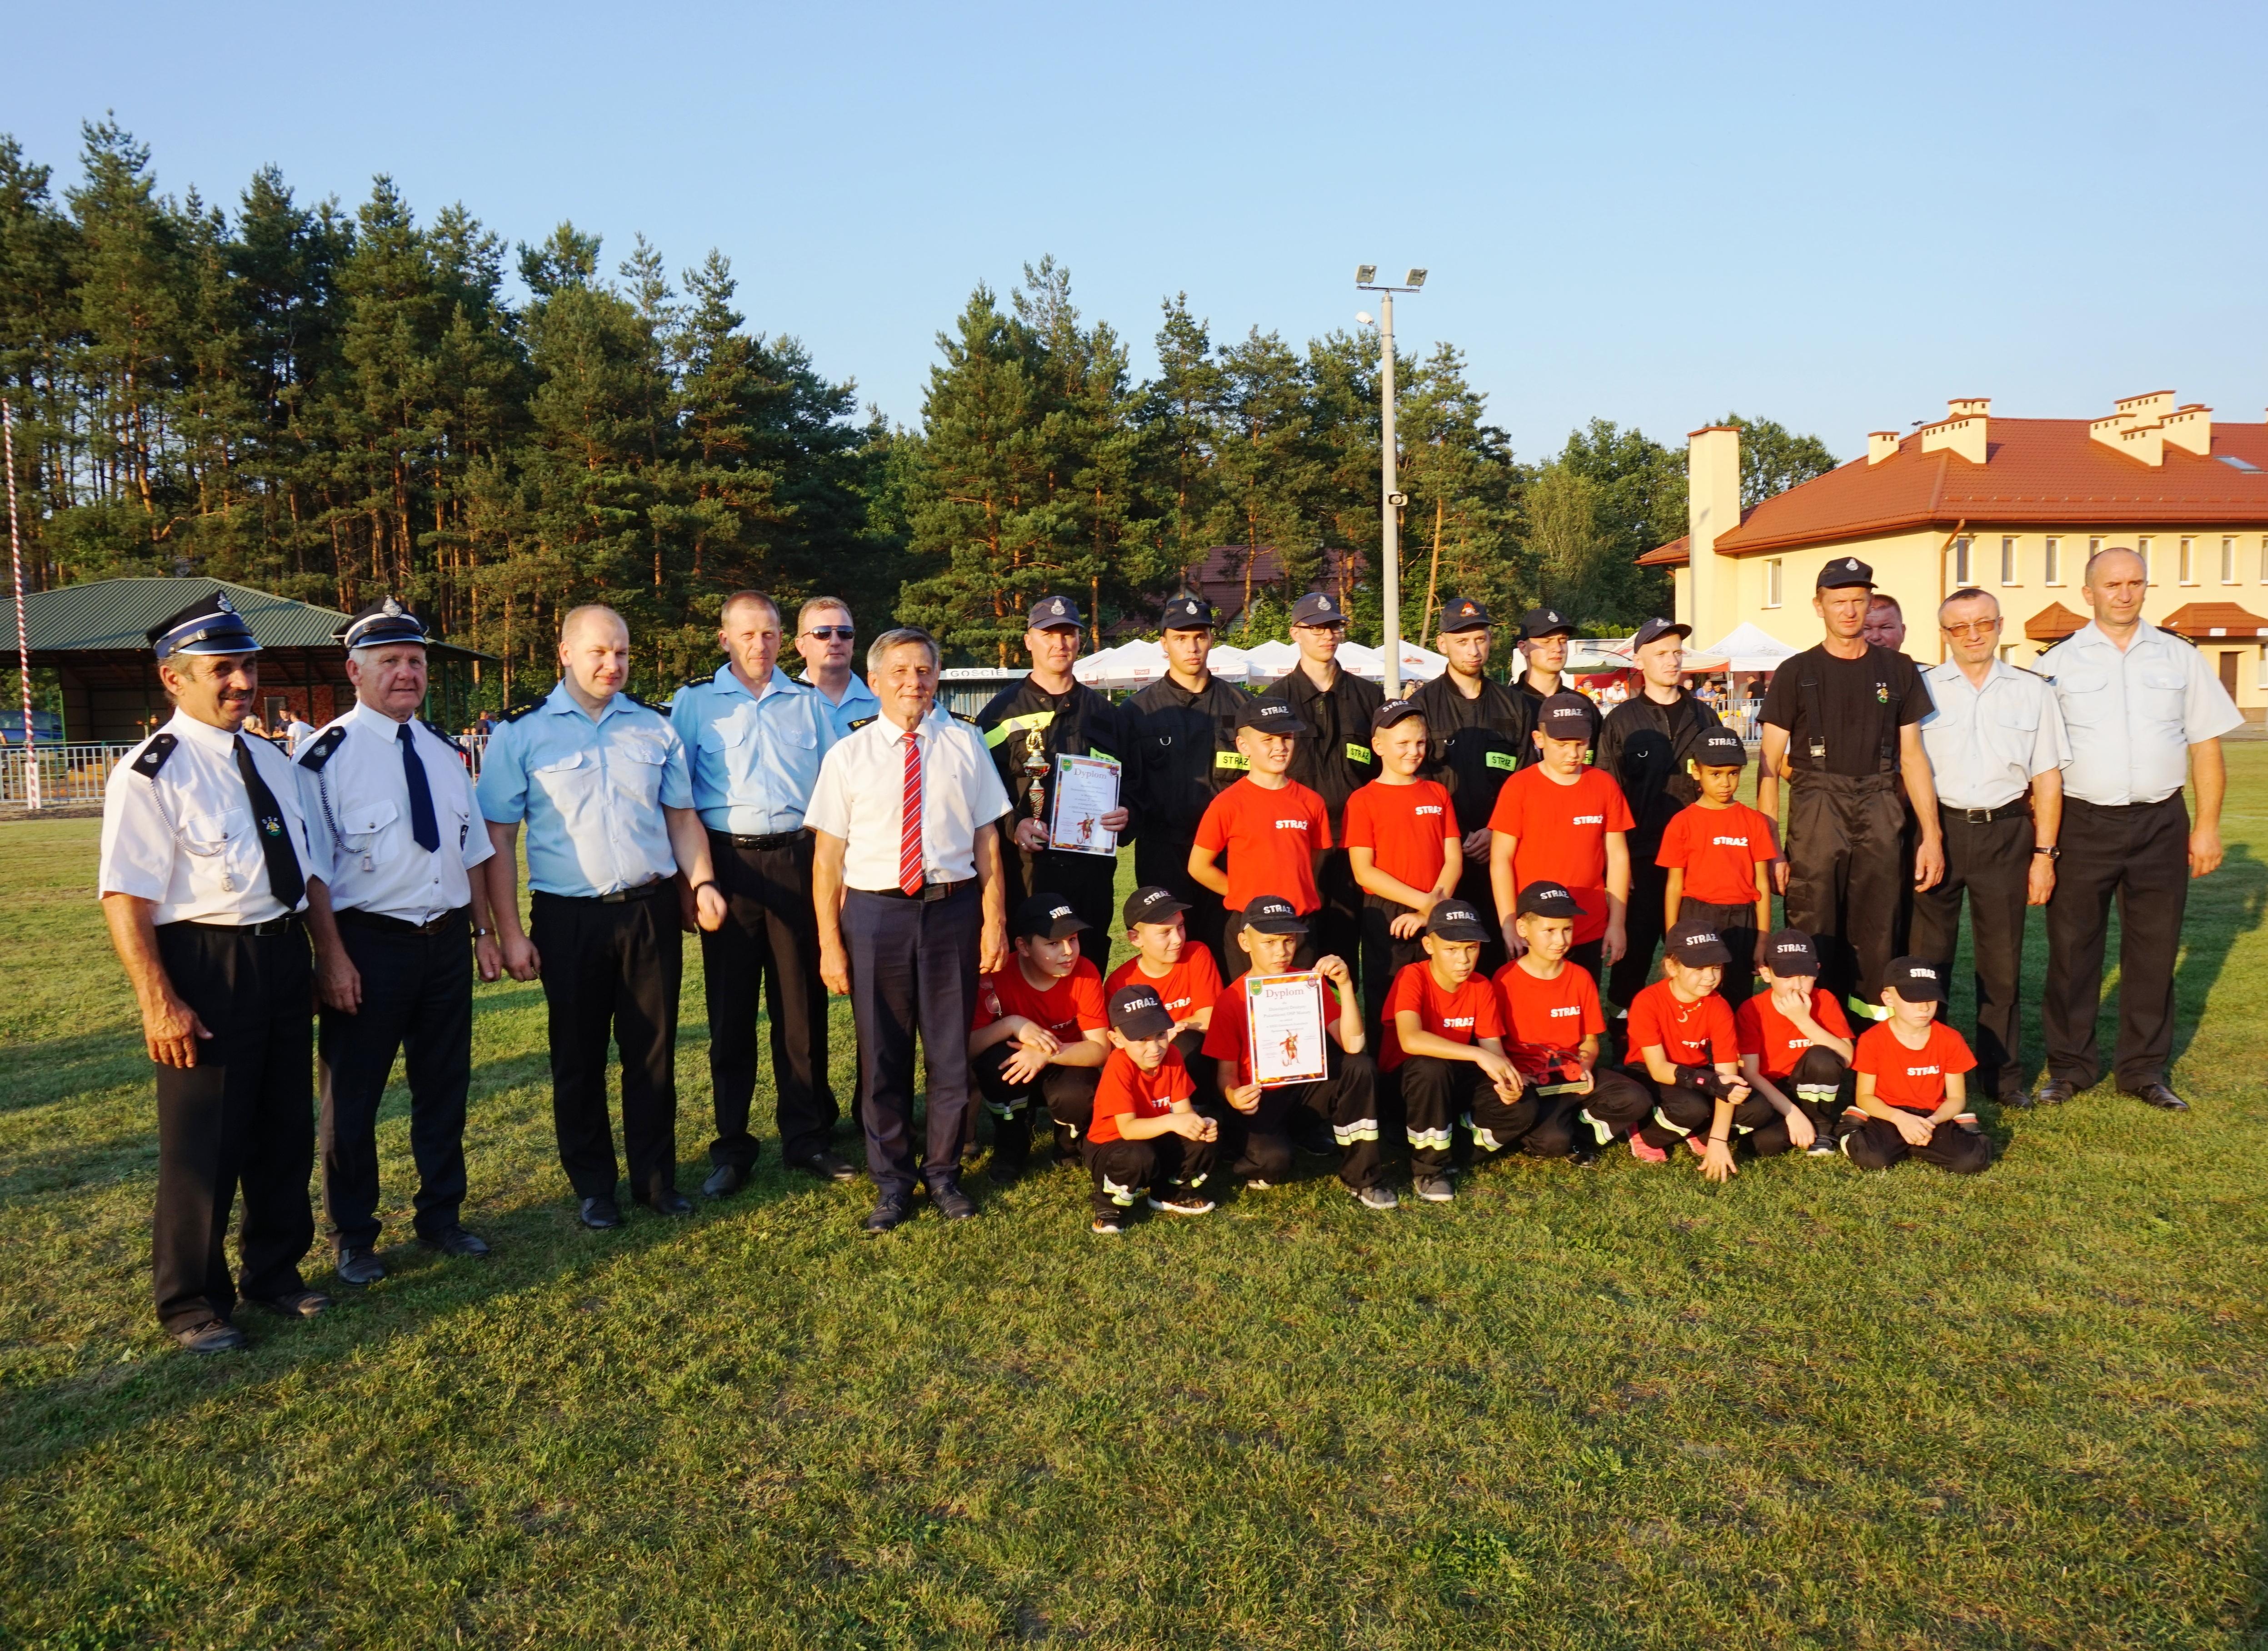 Druhowie ze Staniszewskiego wygrali zawody strażackie [ZDJĘCIA] - Zdjęcie główne